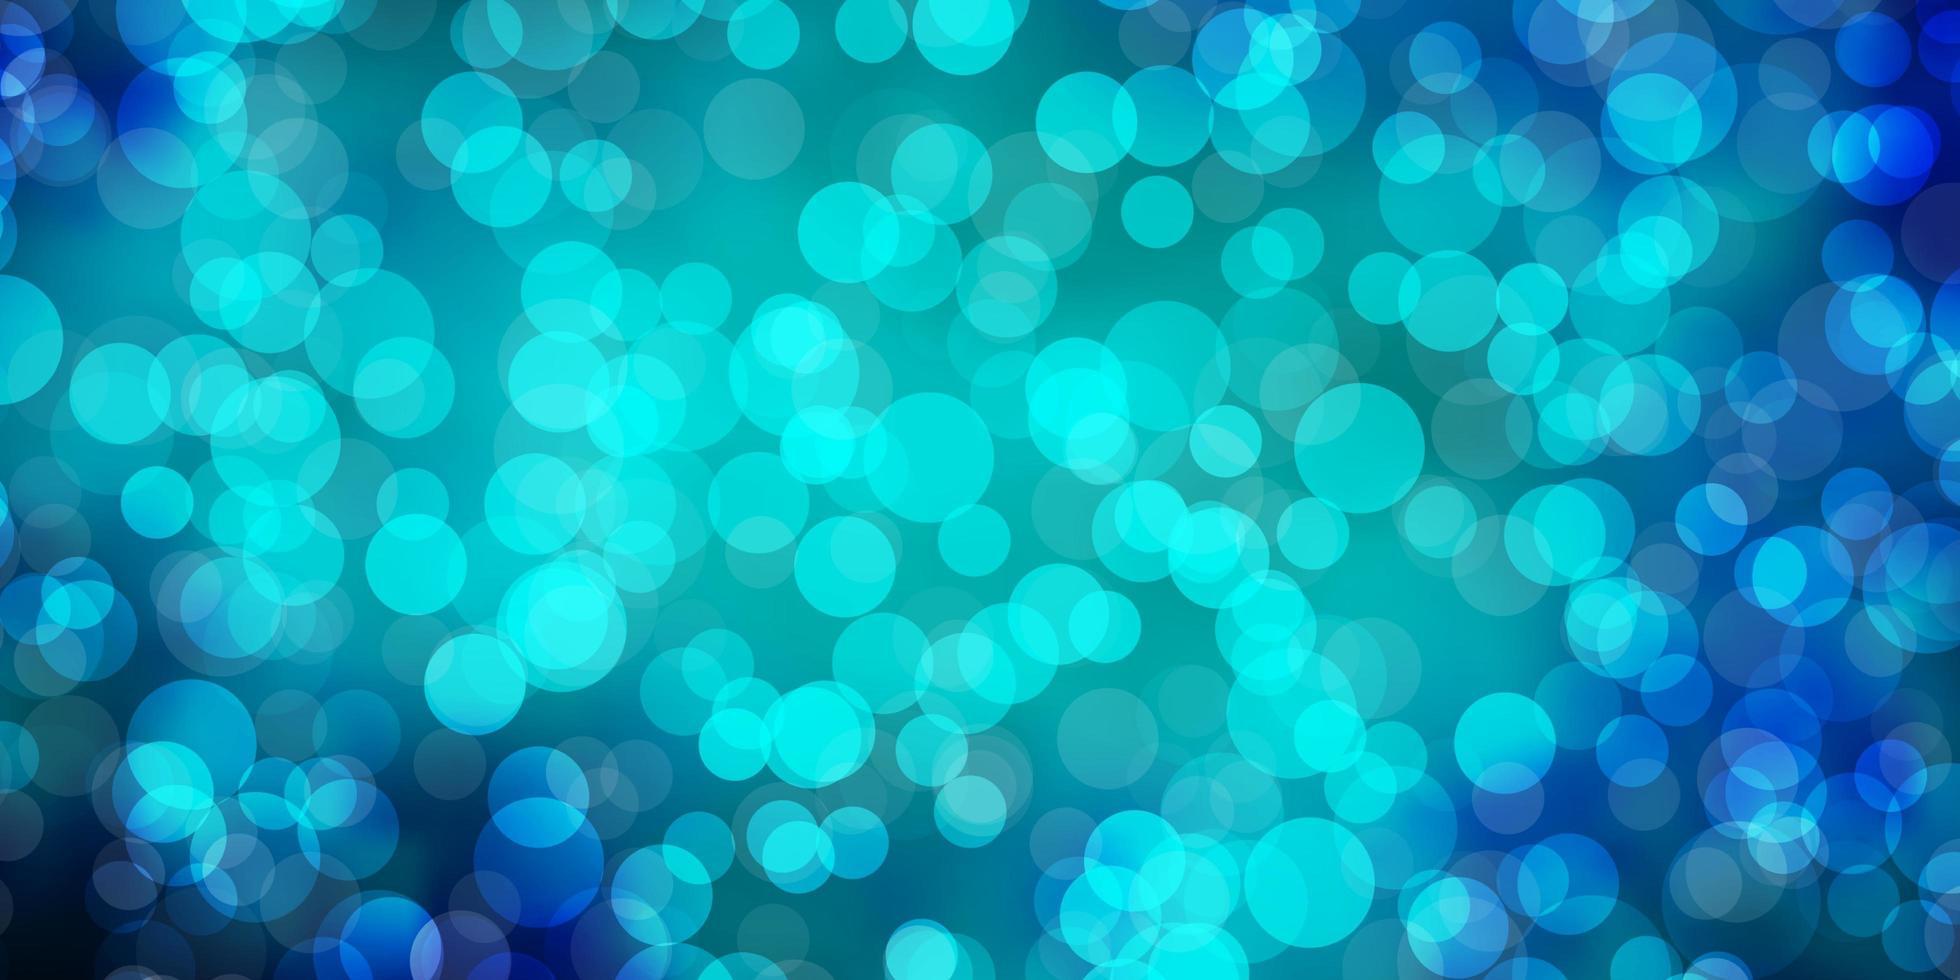 mörkblått mönster med sfärer. vektor